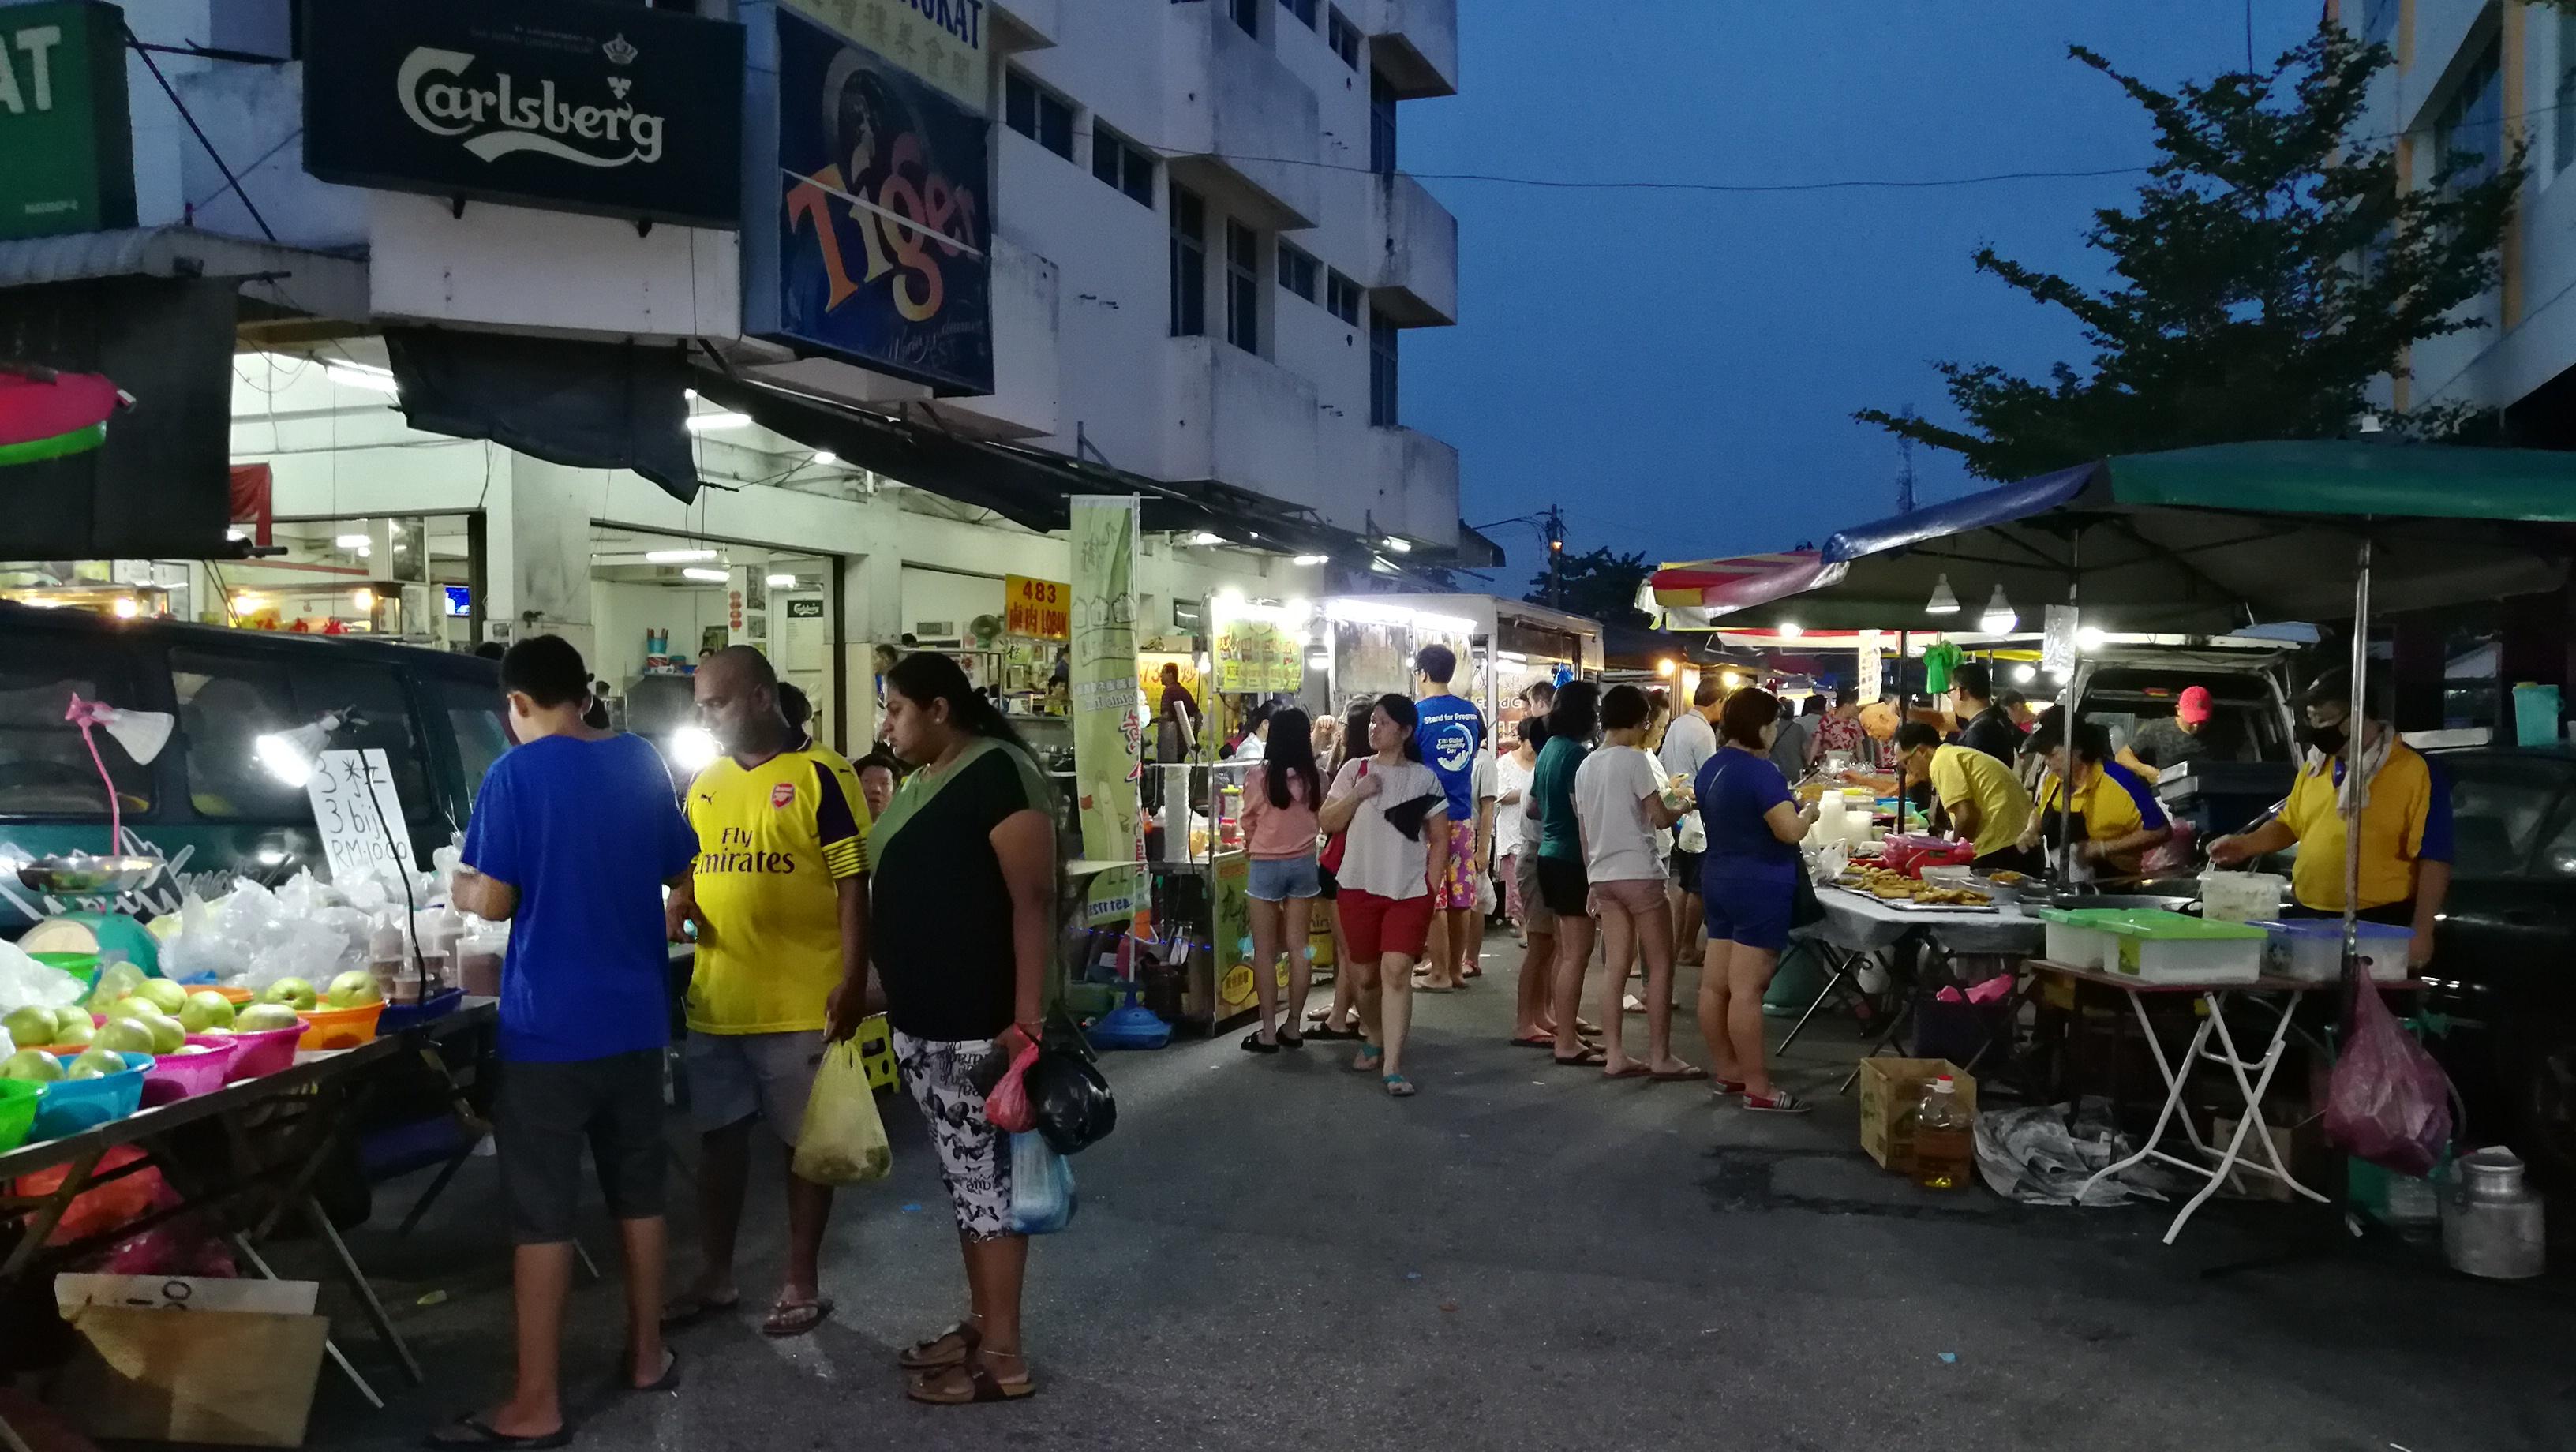 高渊夜市最著名的就是美食多。-M中文网摄-